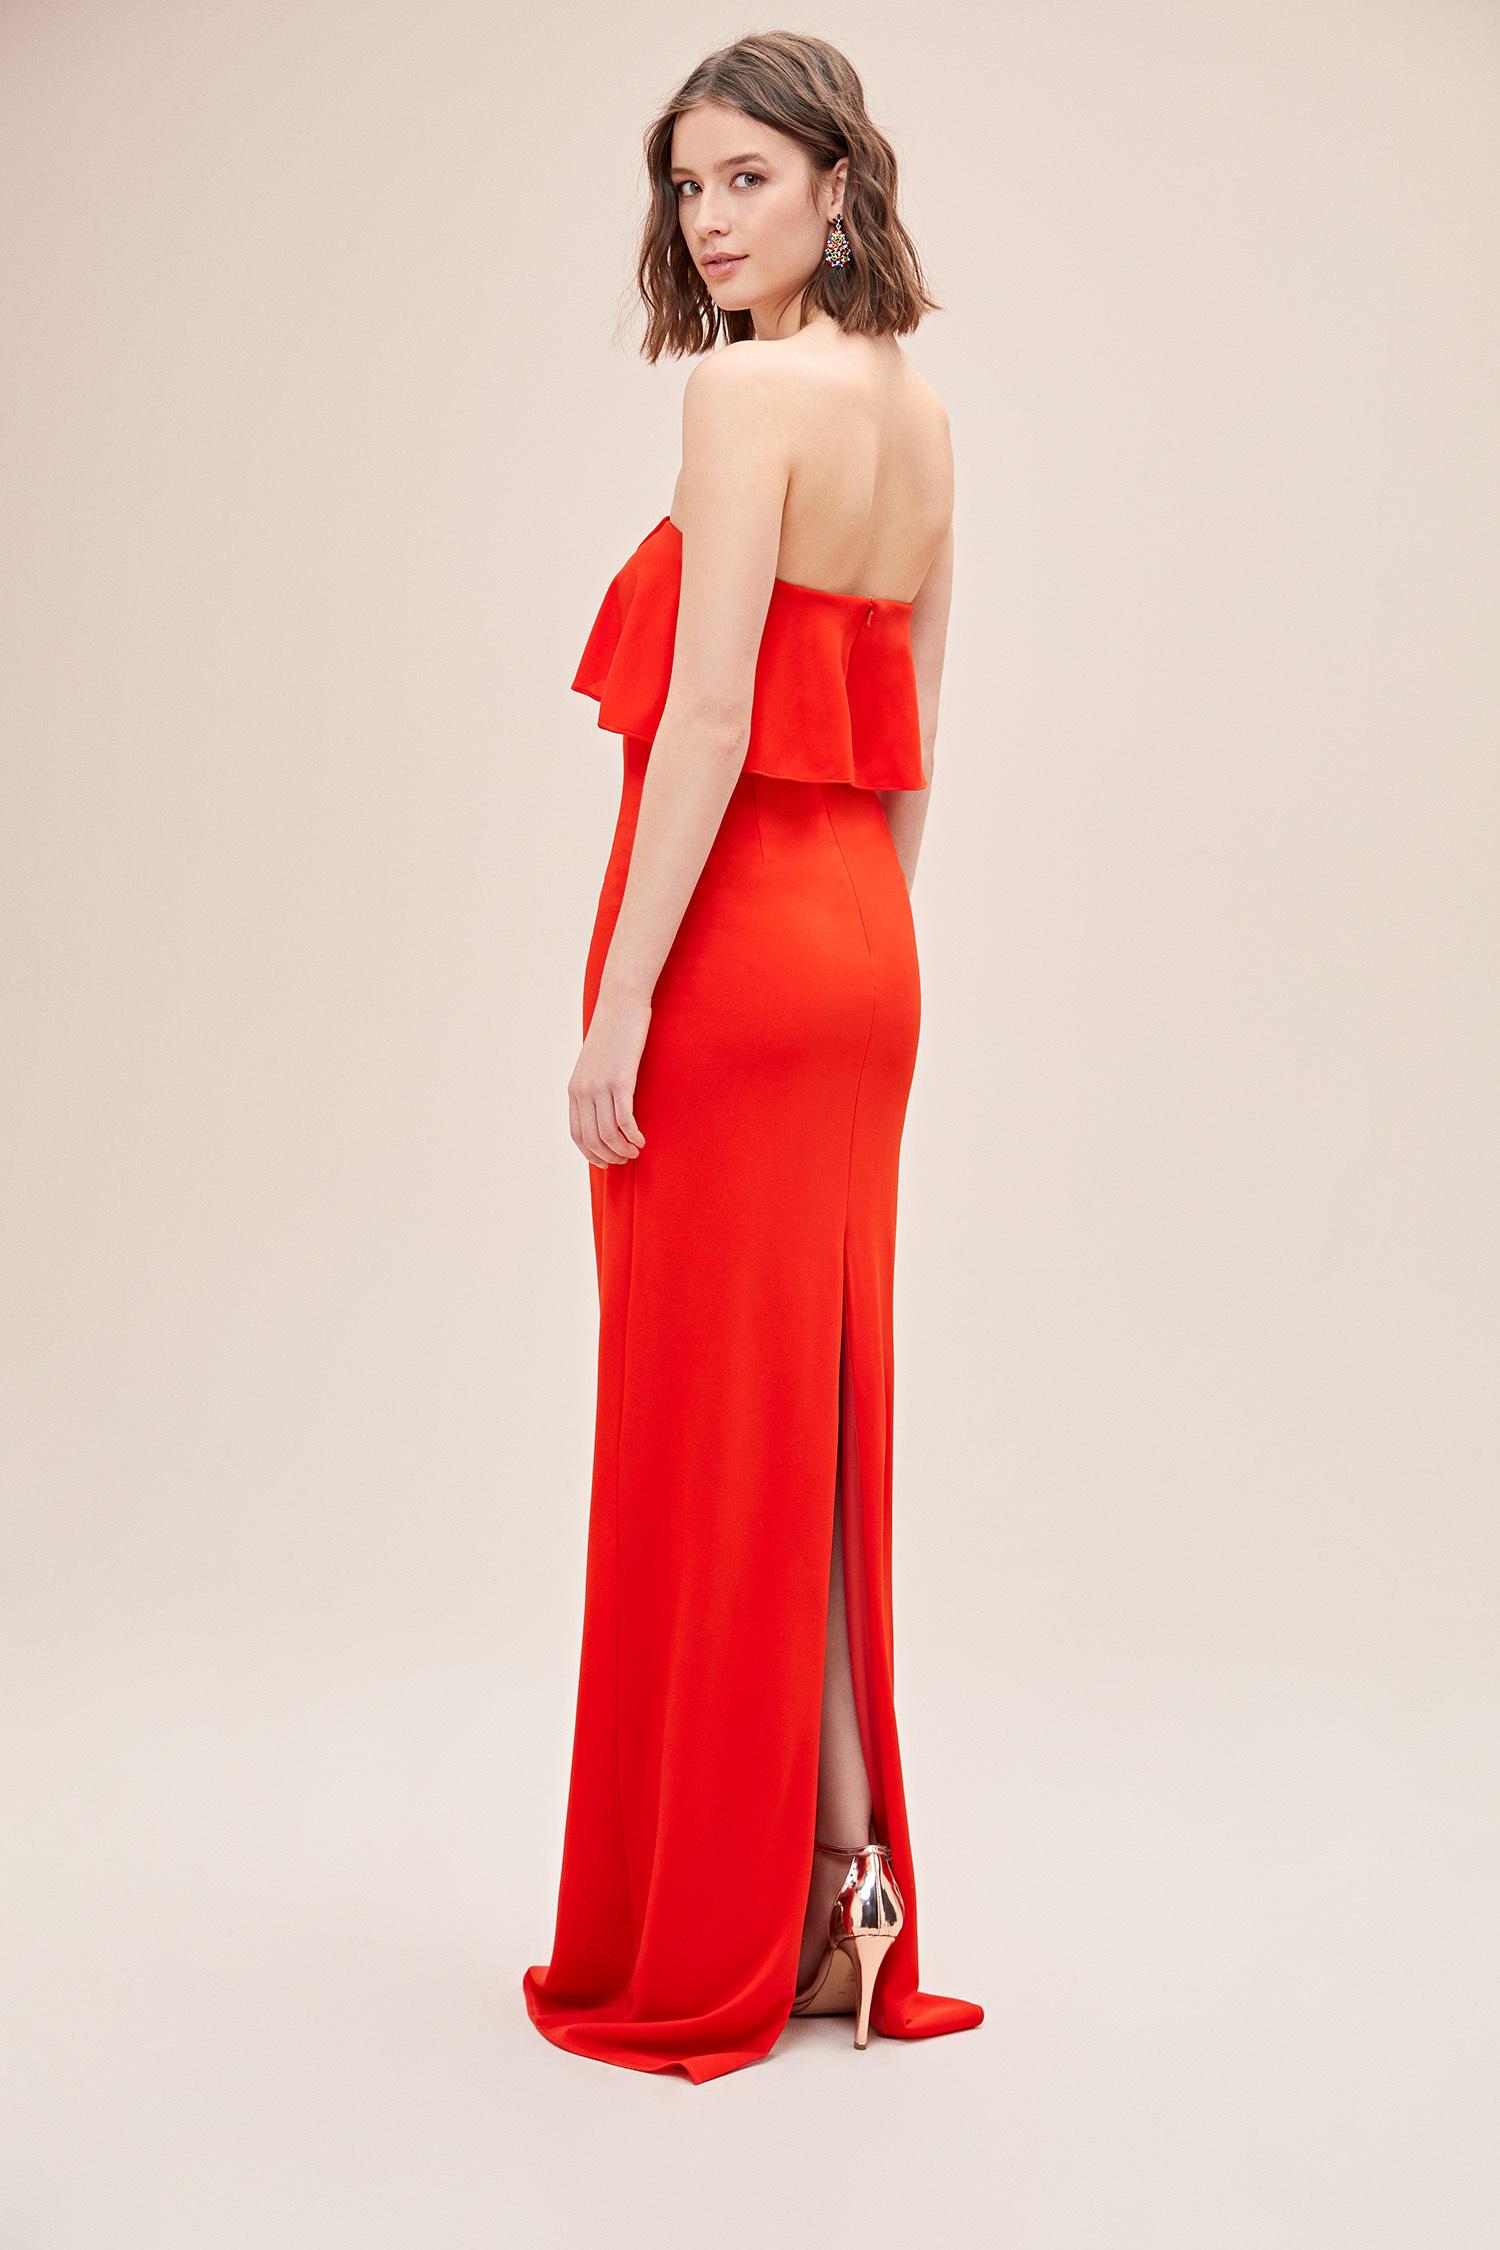 Mercan Kırmızısı Straplez Fırfırlı Şifon Uzun Büyük Beden Abiye Elbise - Thumbnail